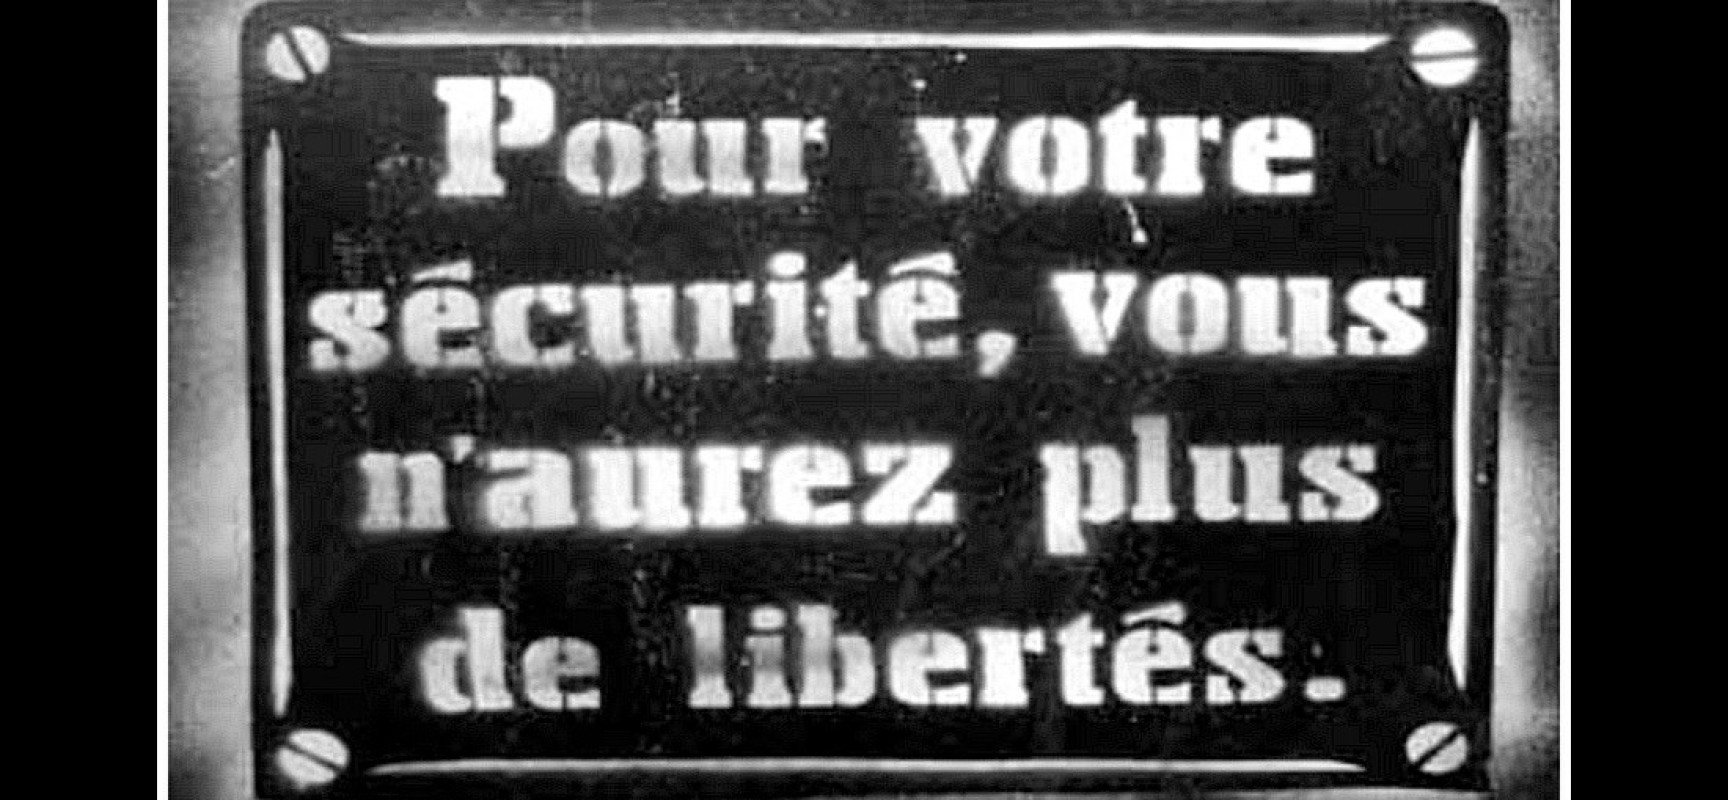 Dictature Totalitaire.......Adieu Liberté !!!!!! Pochoir-pour-votre-securite-vous-n-aurez-plus-de-liberte